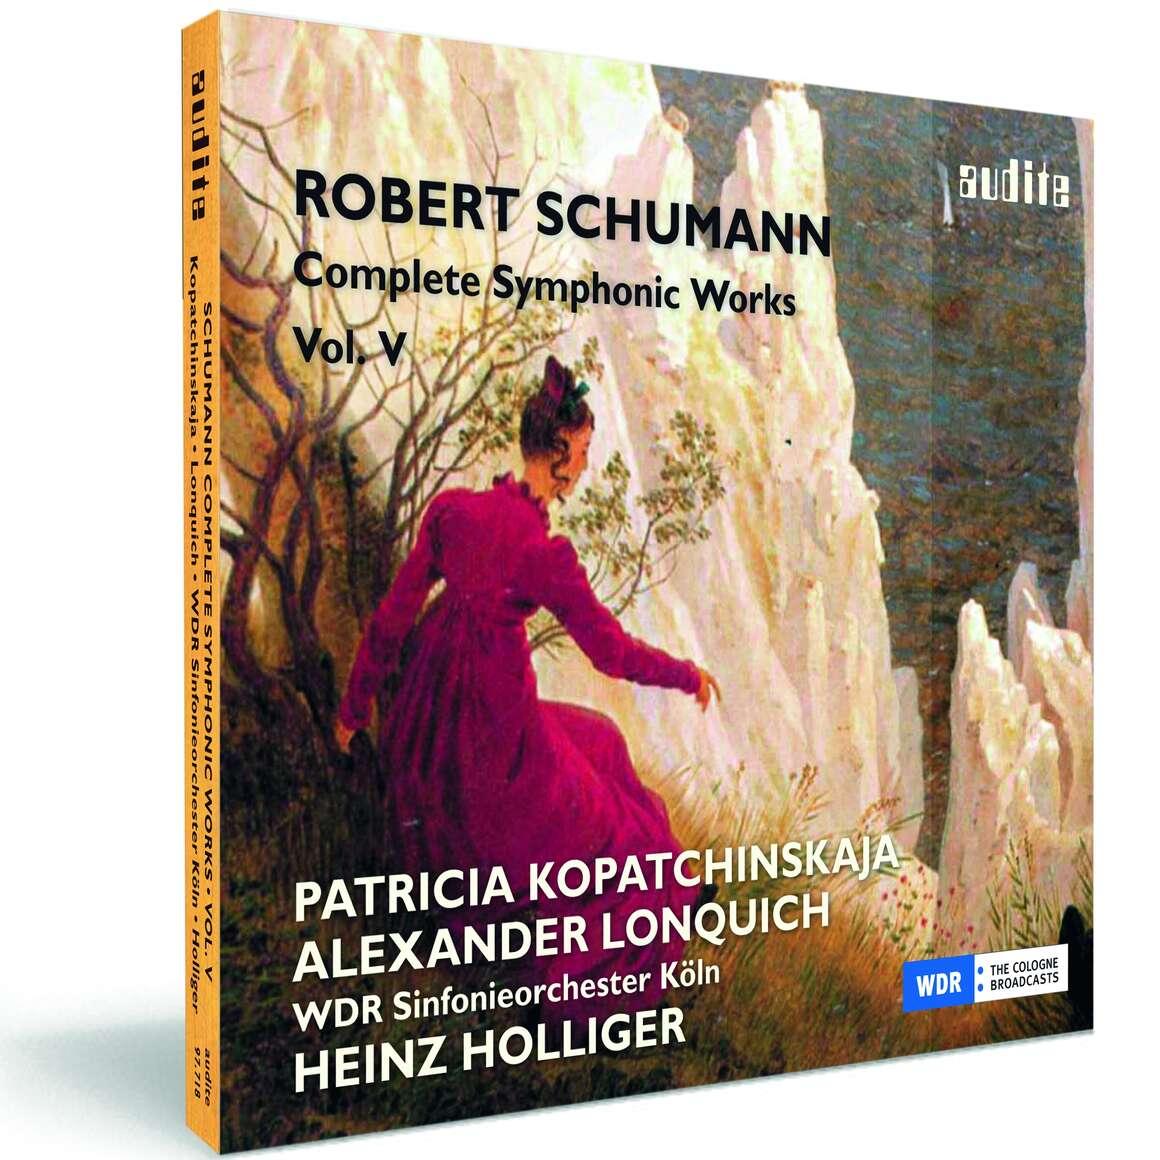 R. Schumann: Complete Symphonic Works, Vol. V